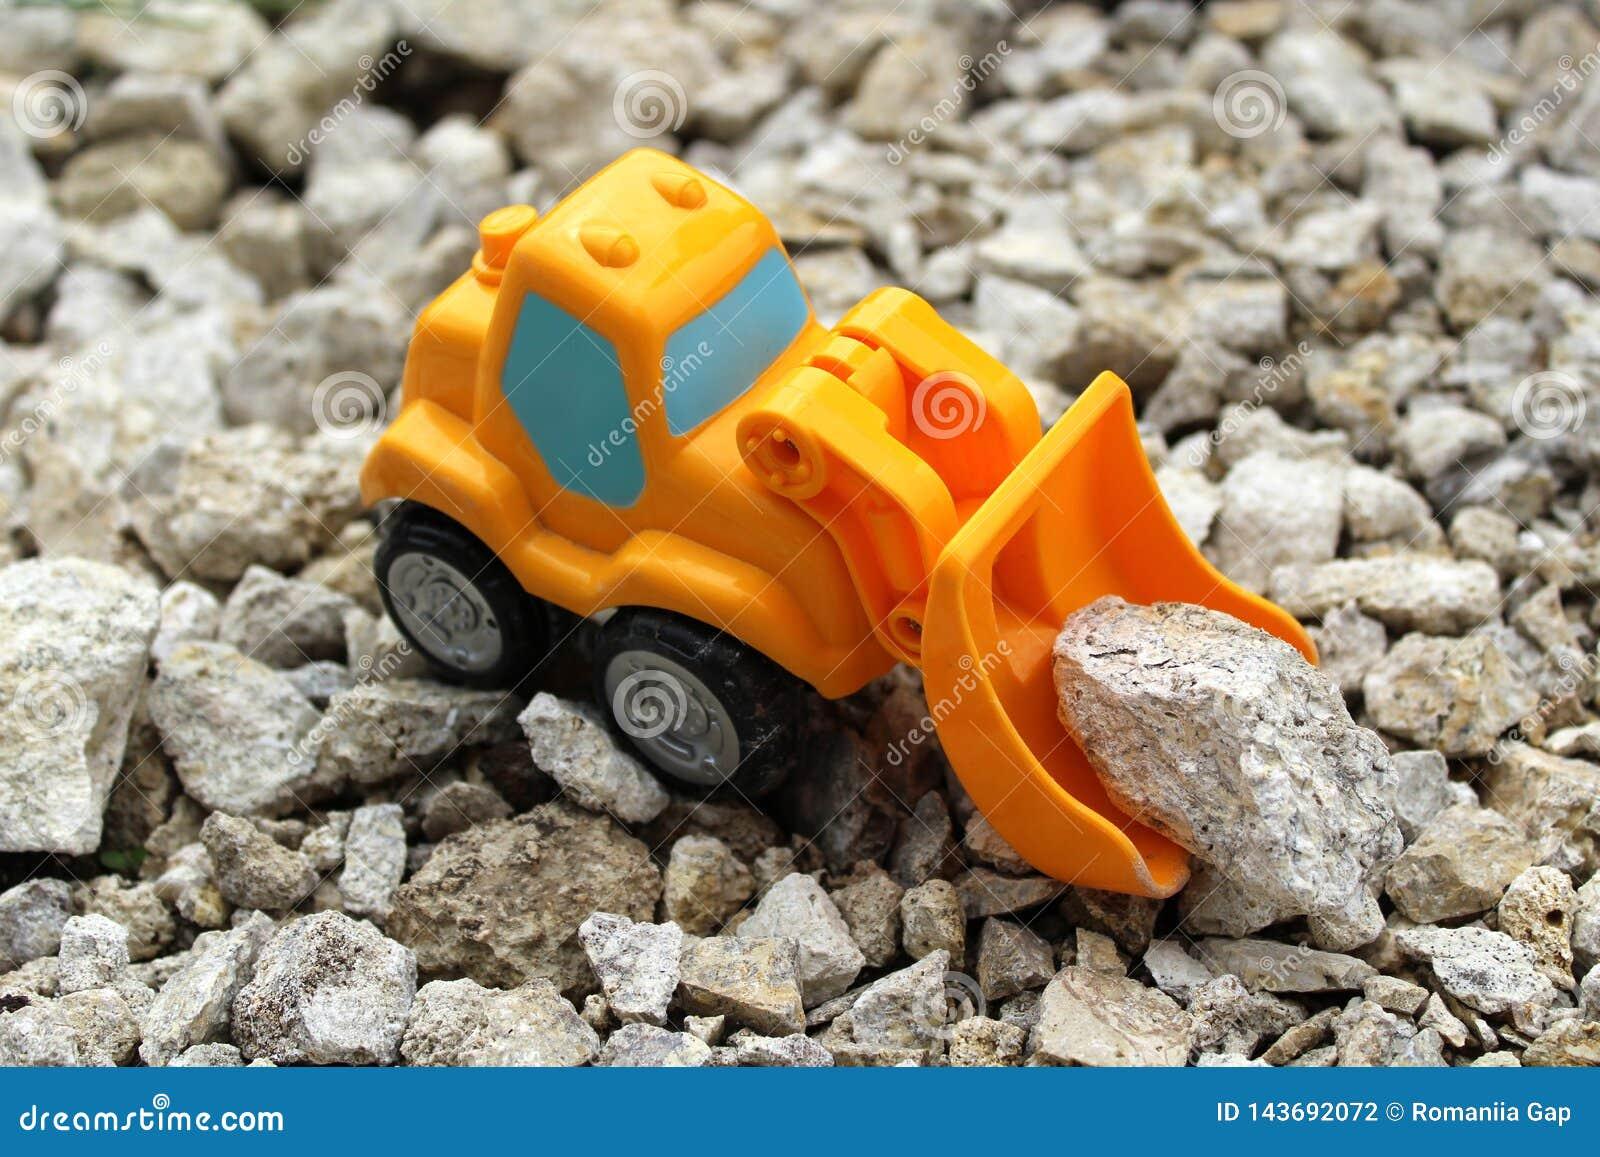 Небольшой оранжевый землекоп игрушки комплектует вверх серые камни